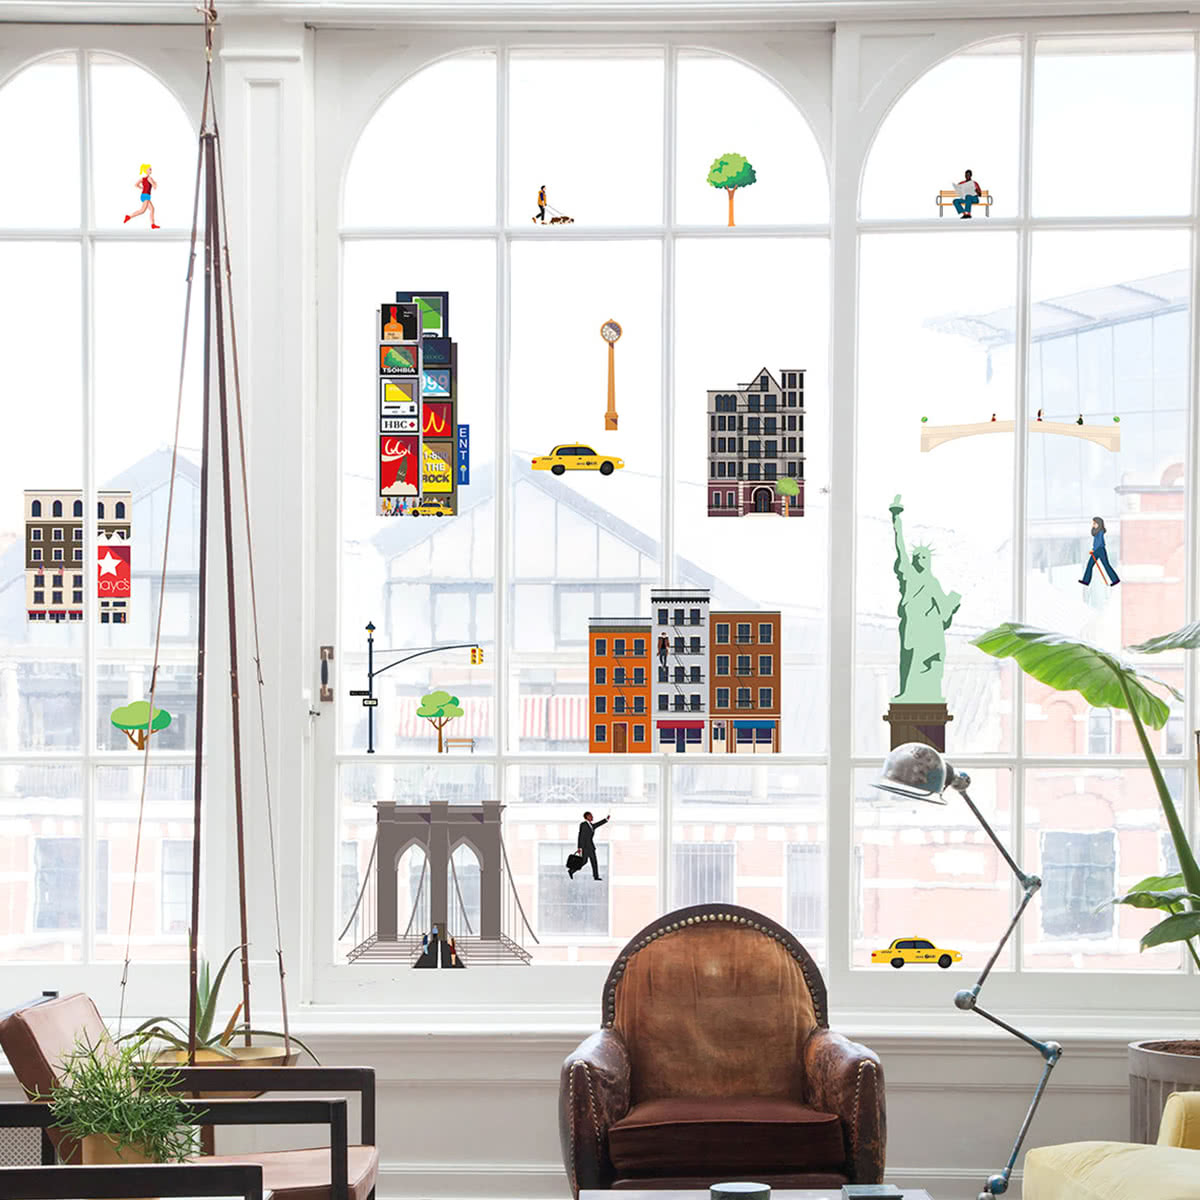 Full Size of Fensterdekoration New York Von Fatboy Küche Weiß Hochglanz Aufbewahrungsbehälter Fliesenspiegel Glas Miniküche Mit Kühlschrank Nobilia Barhocker Günstige Wohnzimmer Fensterdekoration Küche